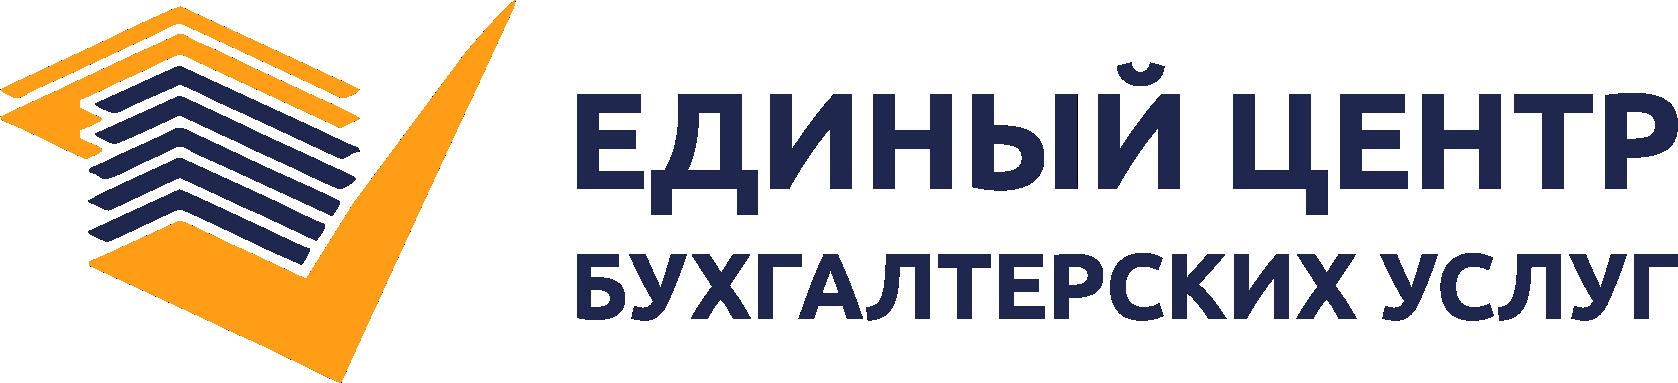 Центр бухгалтерских услуг москва частный бухгалтер для ип